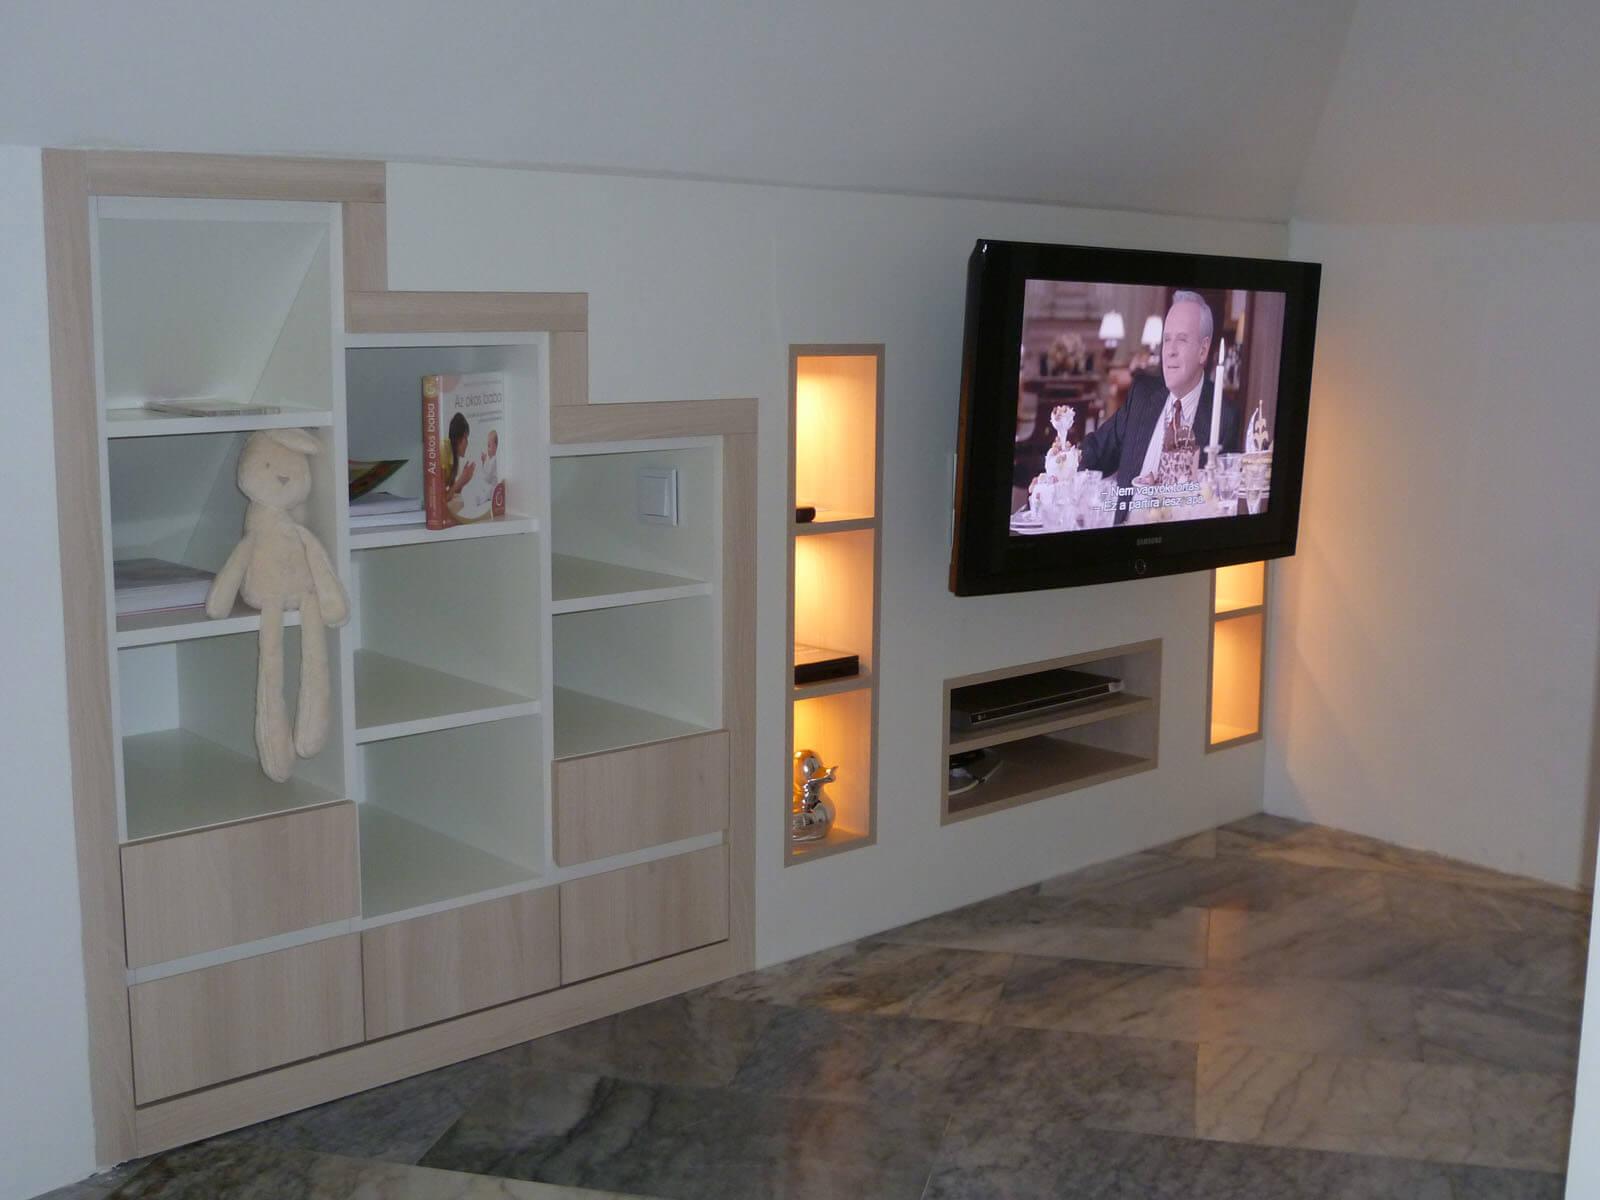 Egyedi szobabútor készítés beépítve tetőtérbe